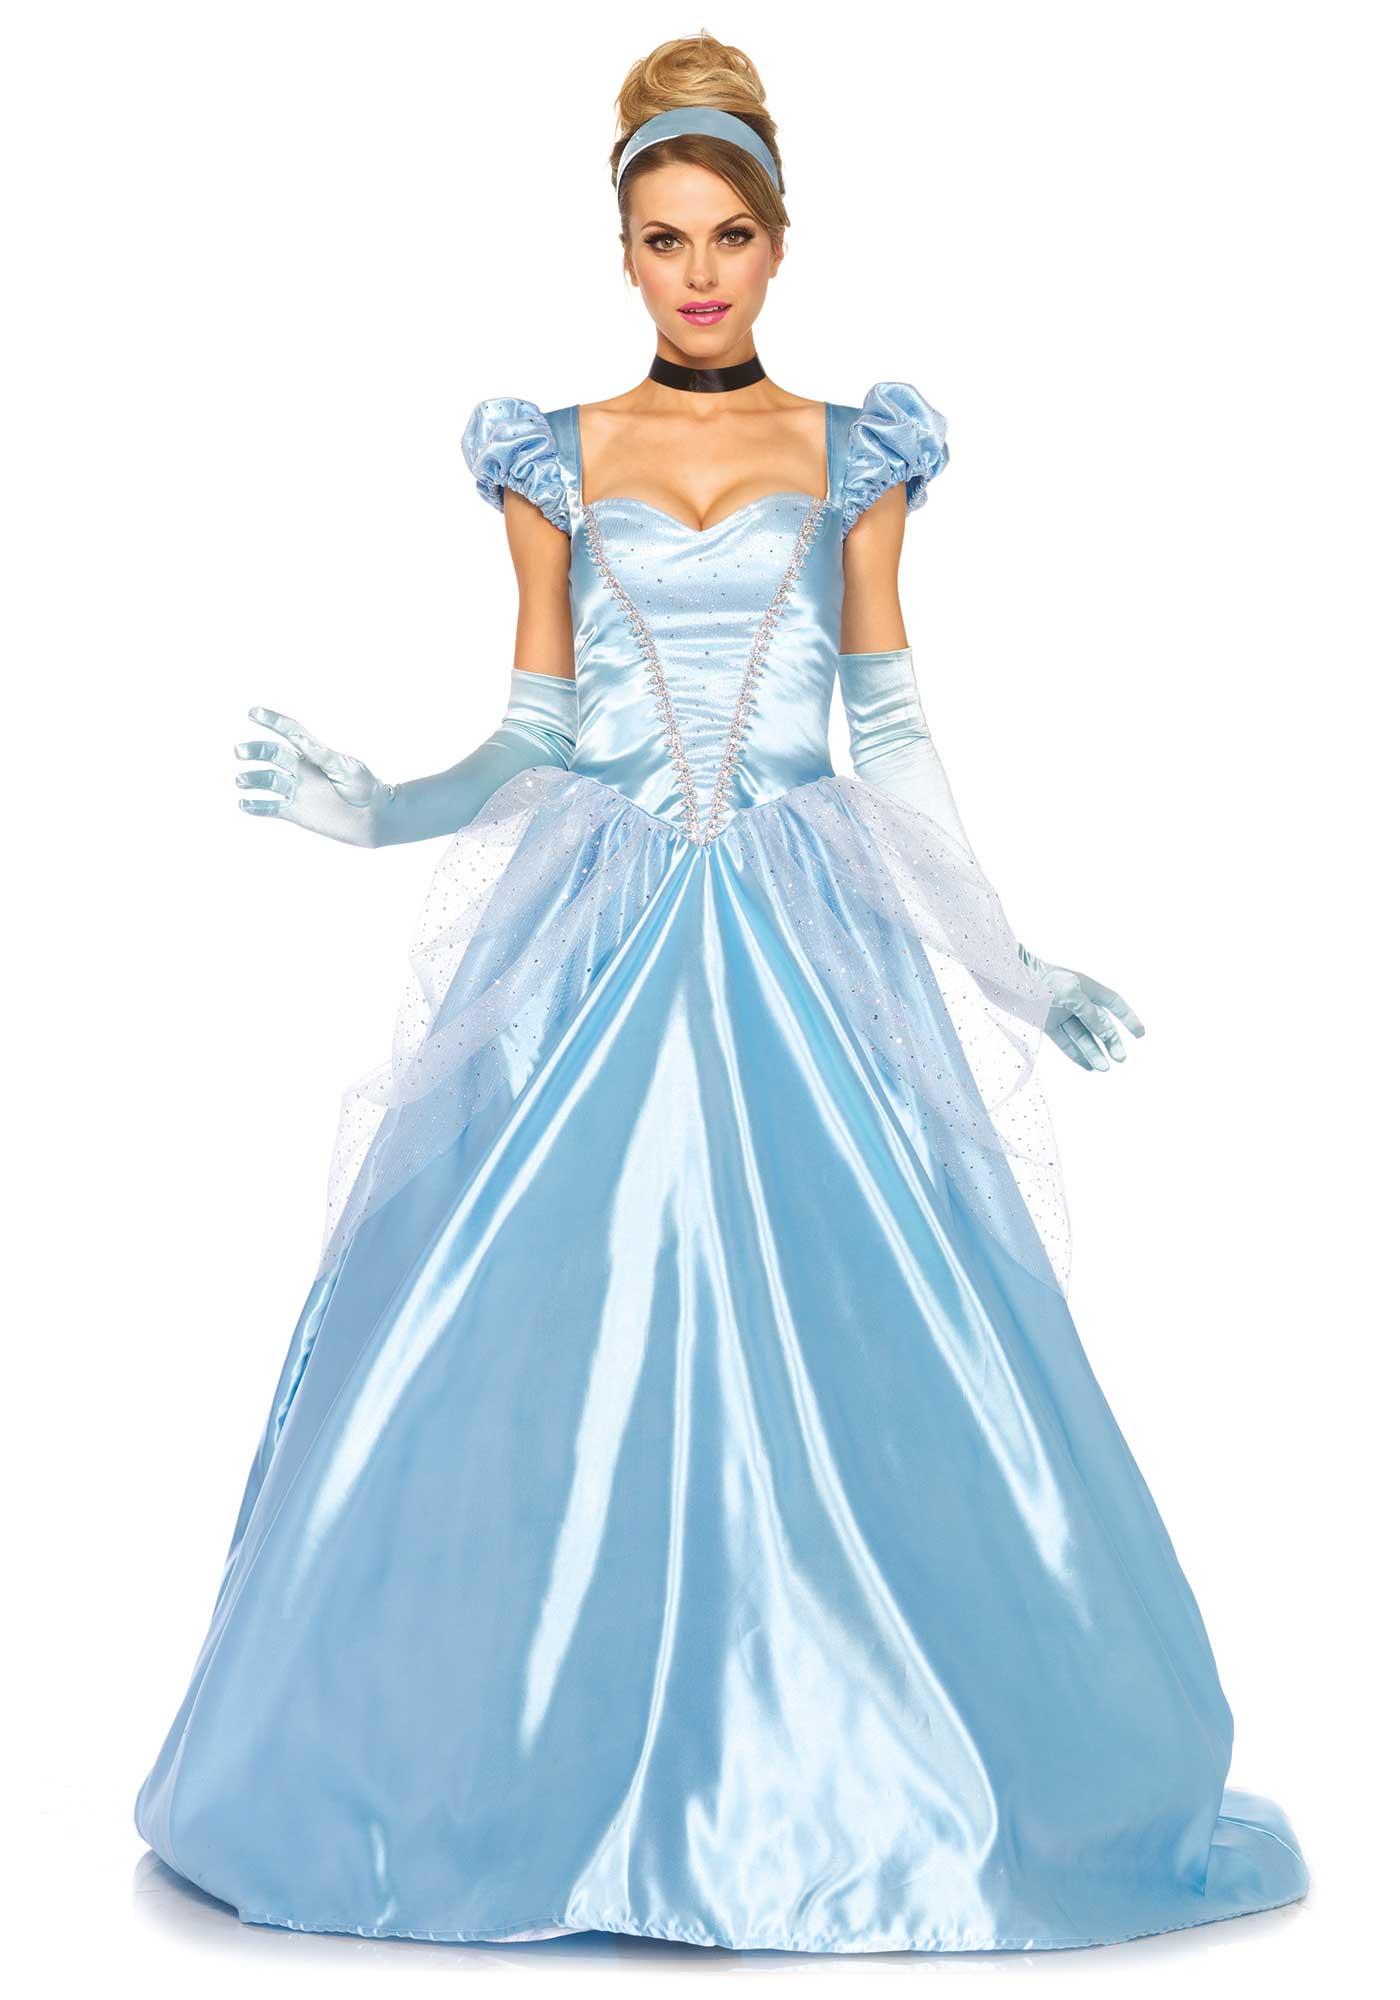 déguisement femme princesse disney